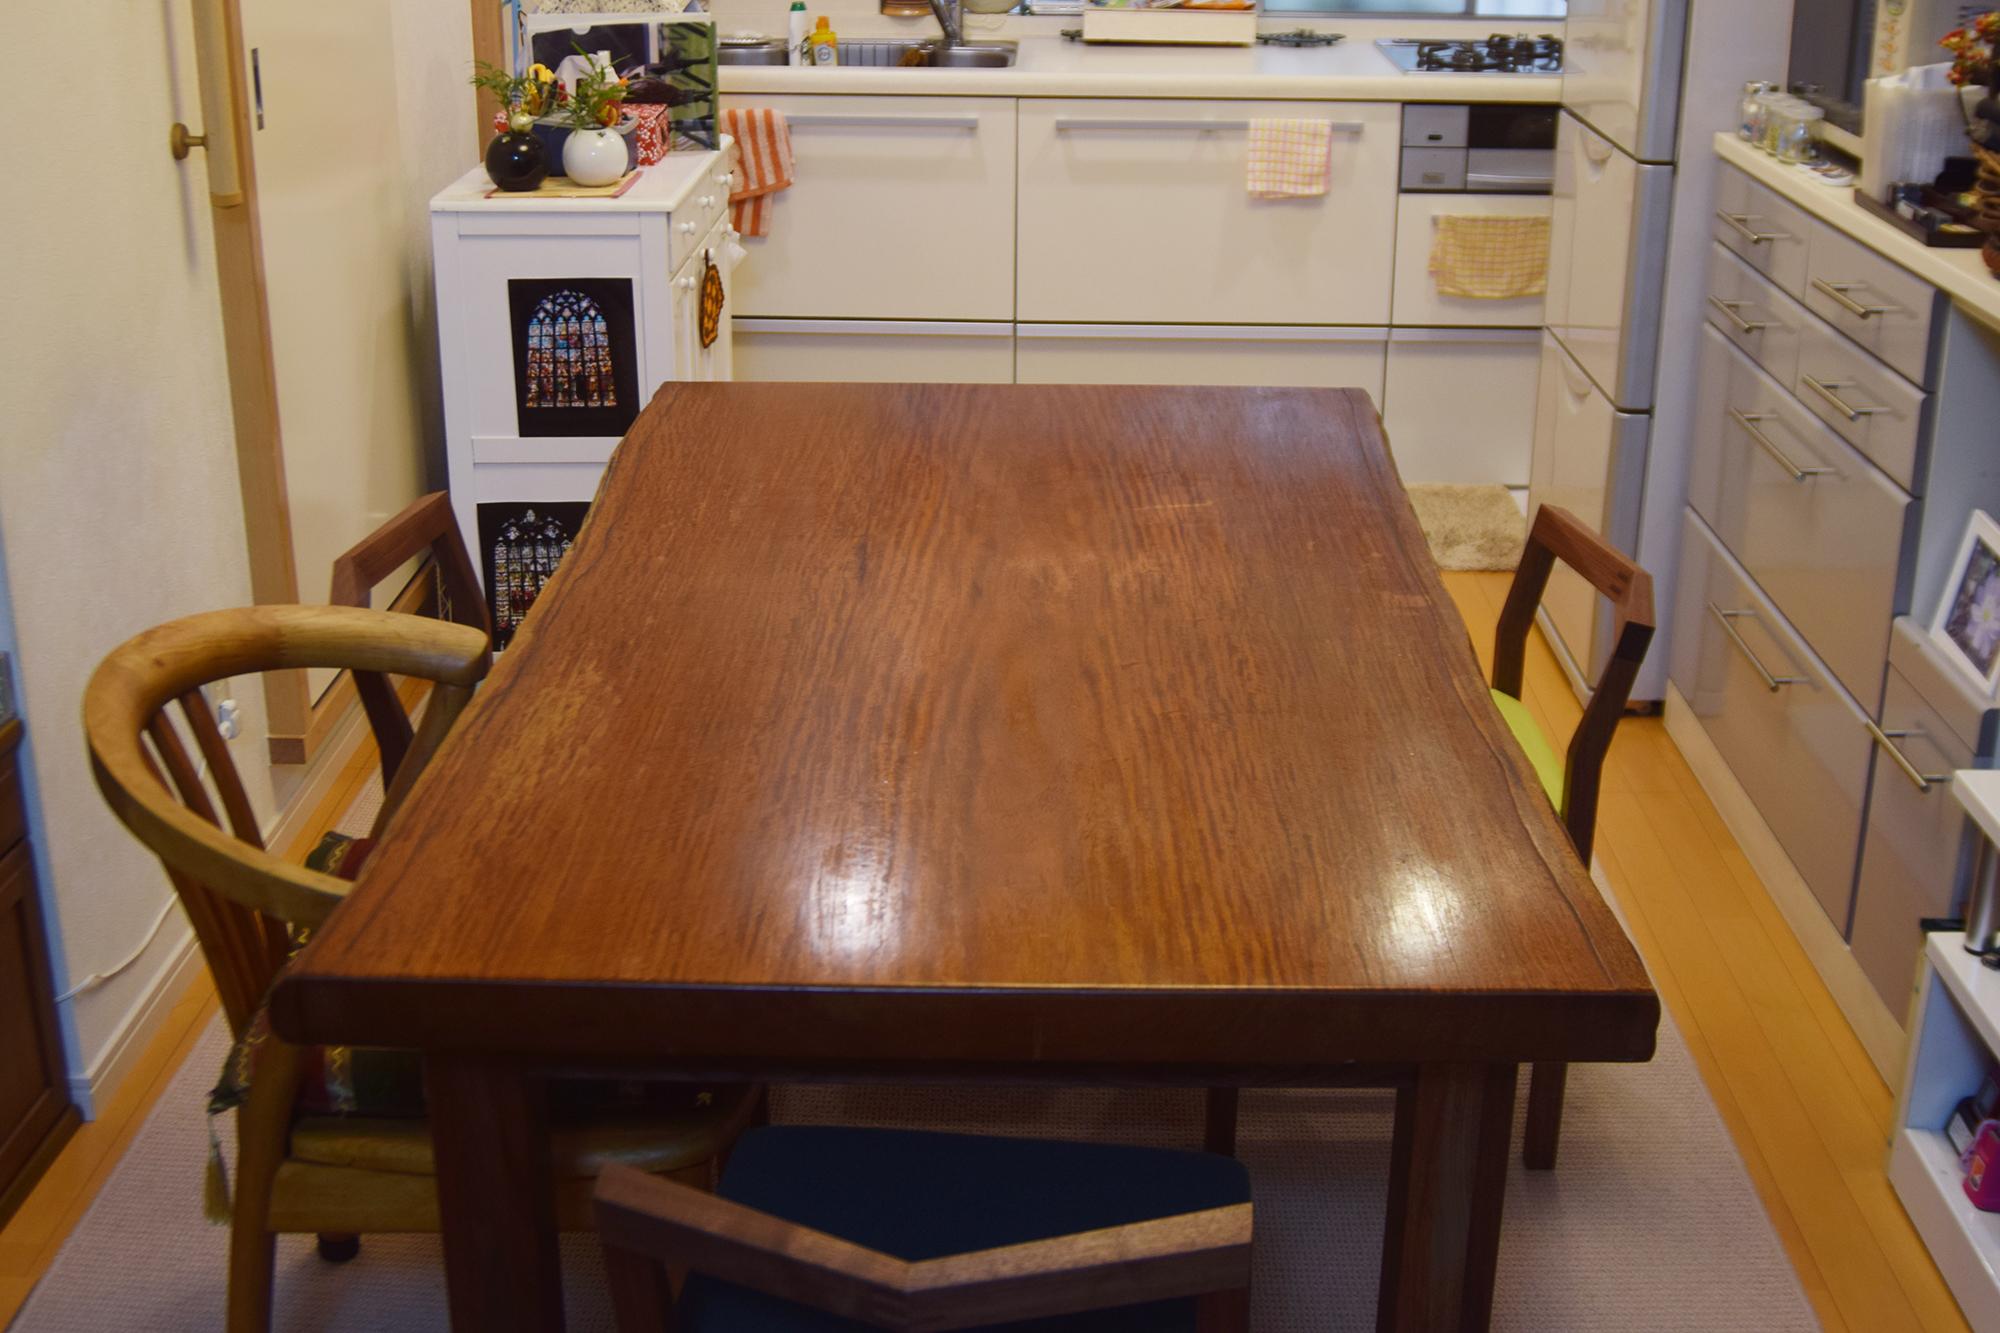 脚部を製作させていただいたテーブルと、ピコチェアご納品の様子